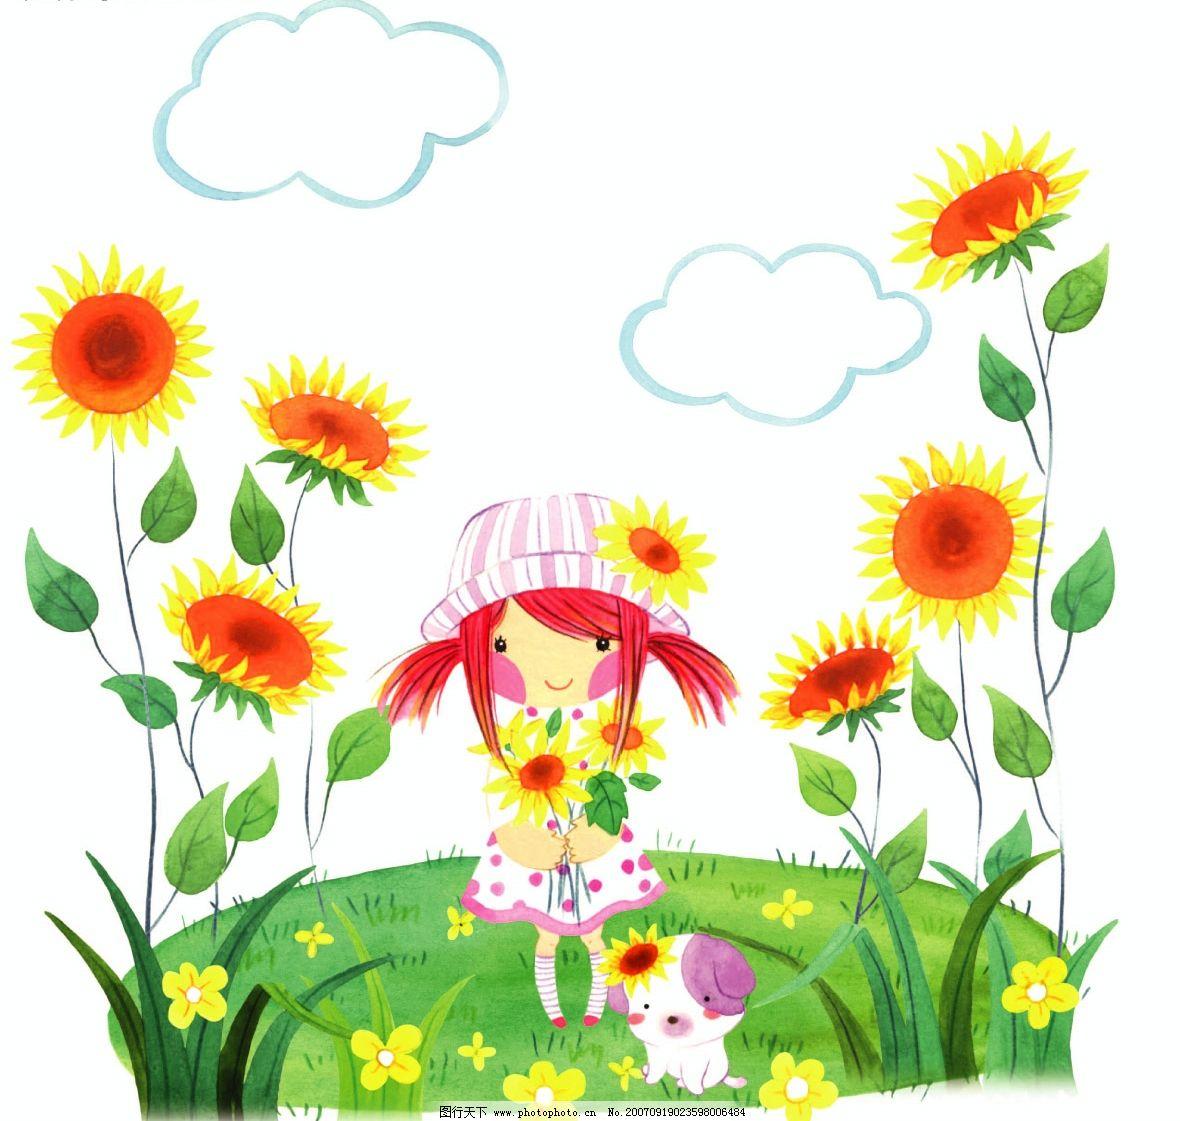 花丛中的女孩 儿童 矢量儿童 韩国儿童矢量图 卡通儿童矢量图 儿童